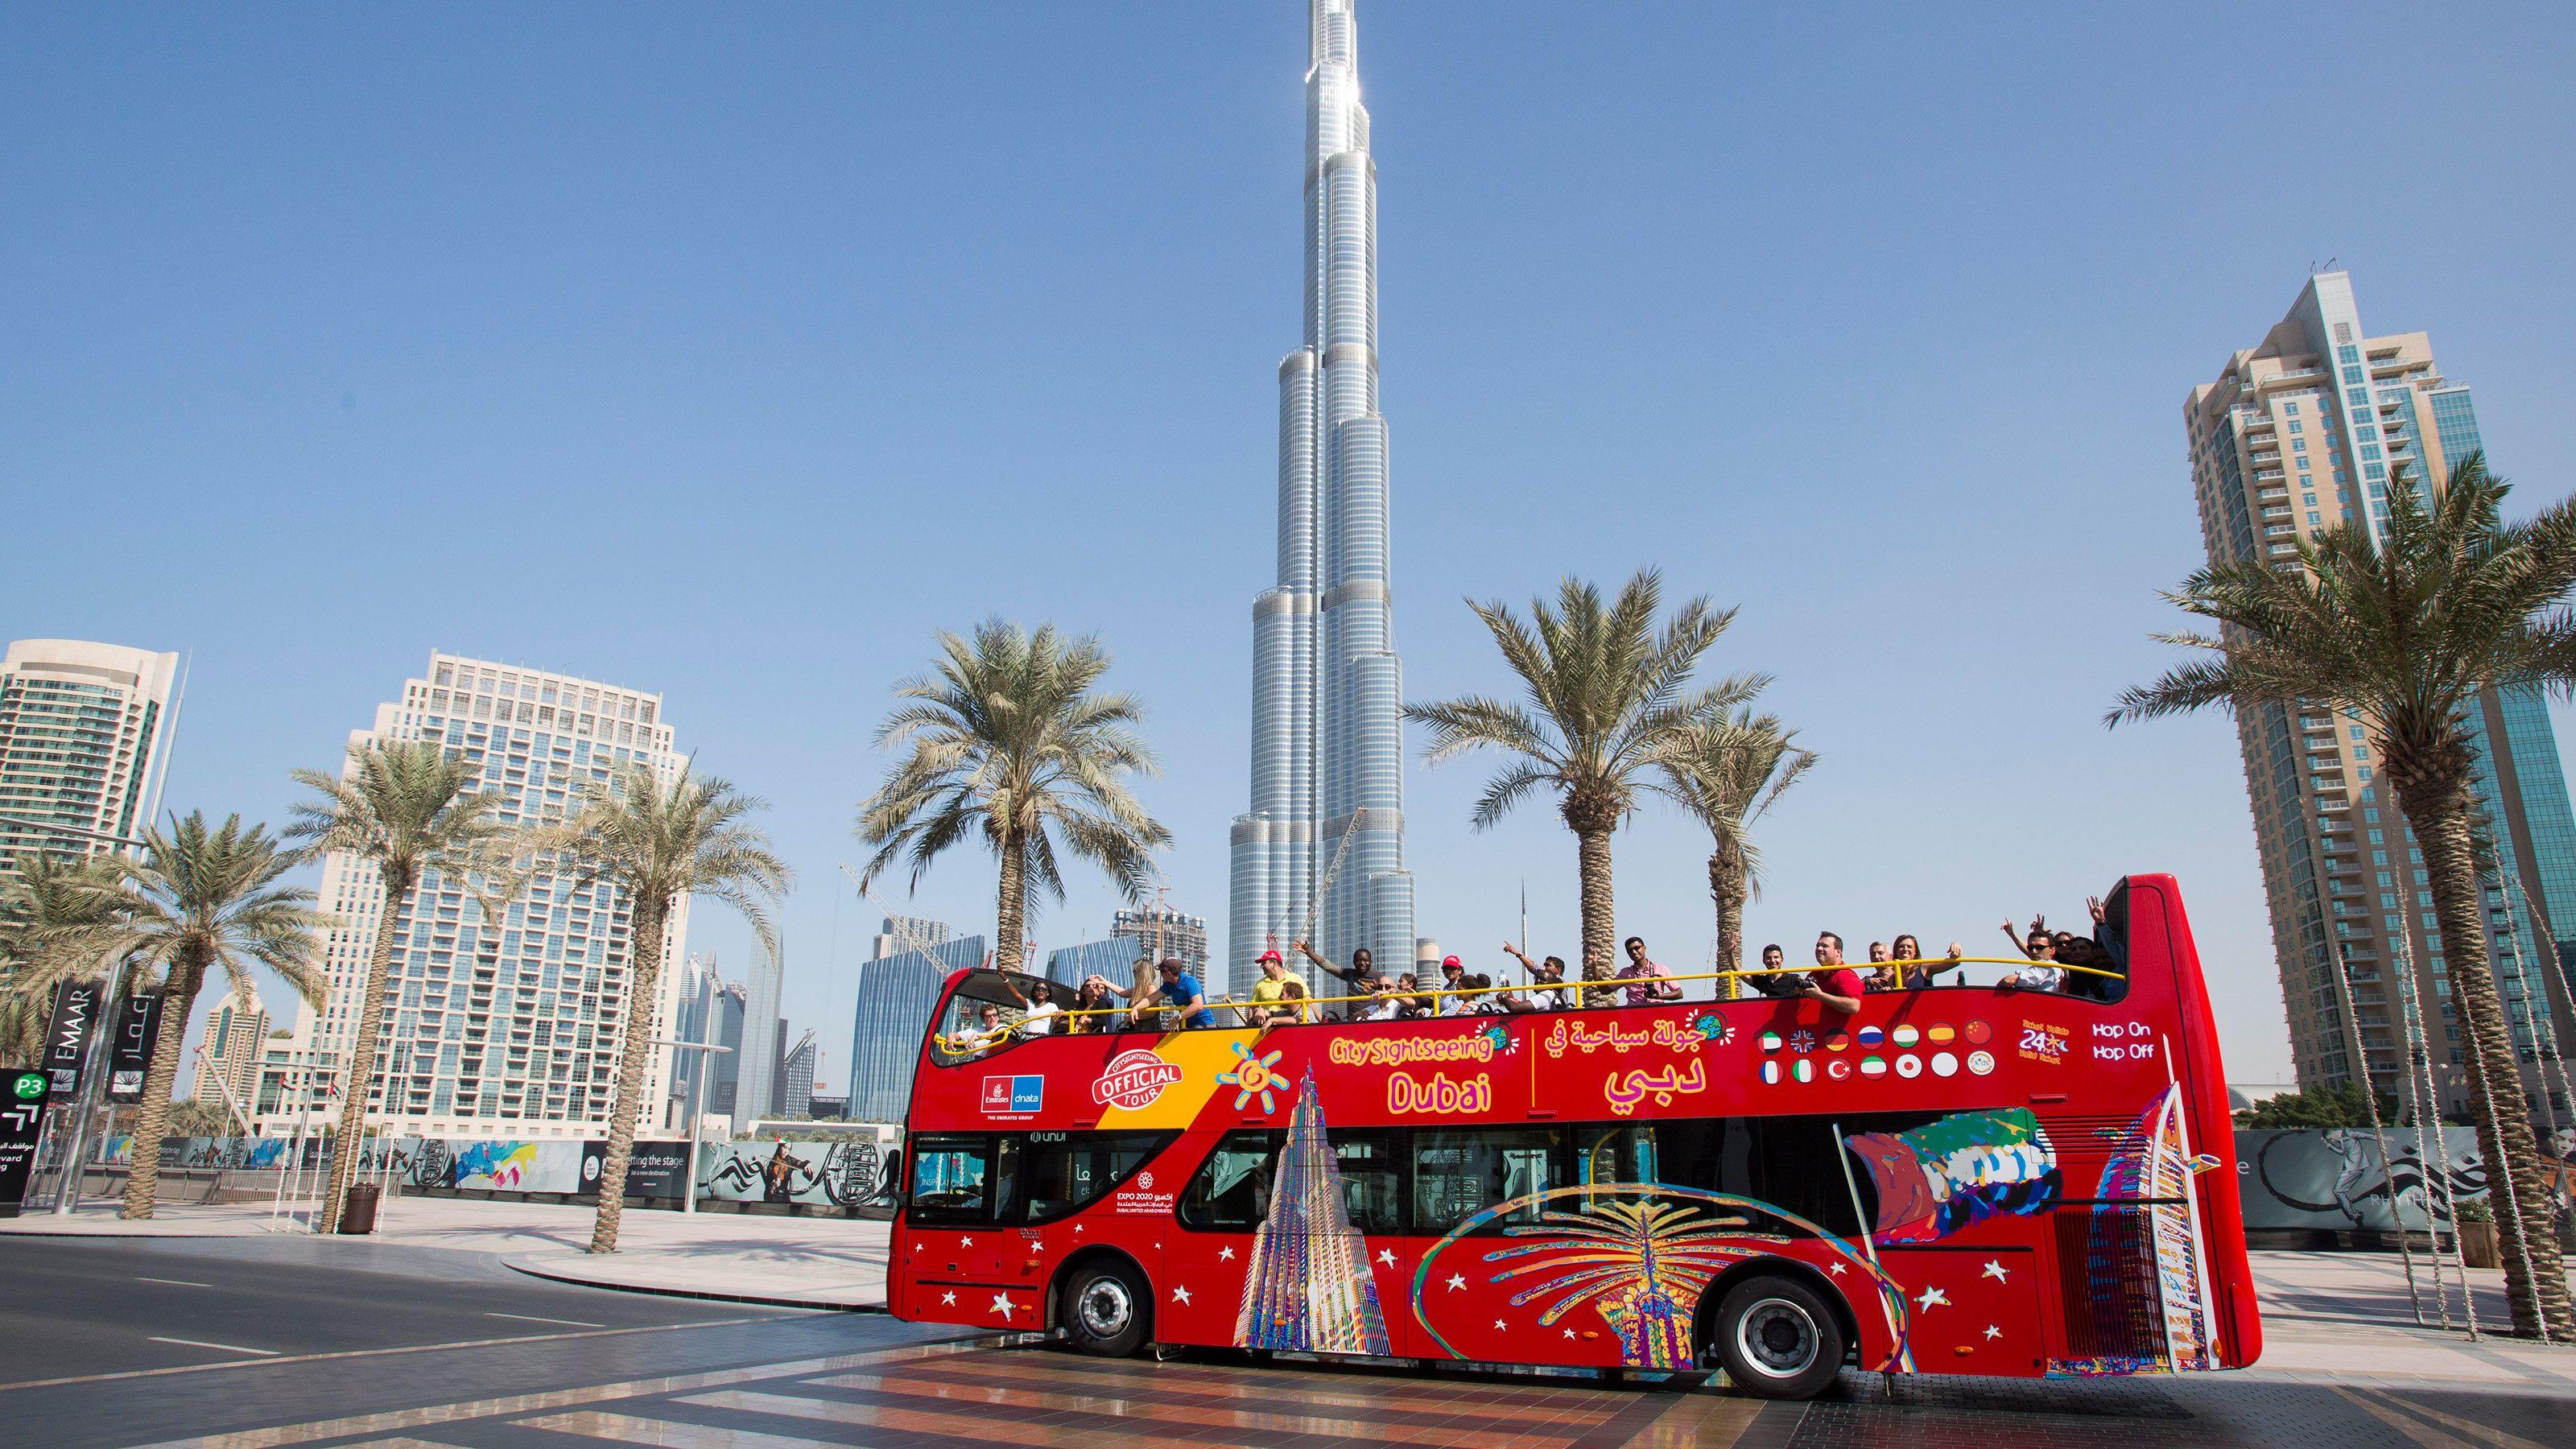 Dubai Hop-On Hop-Off Bus Tour